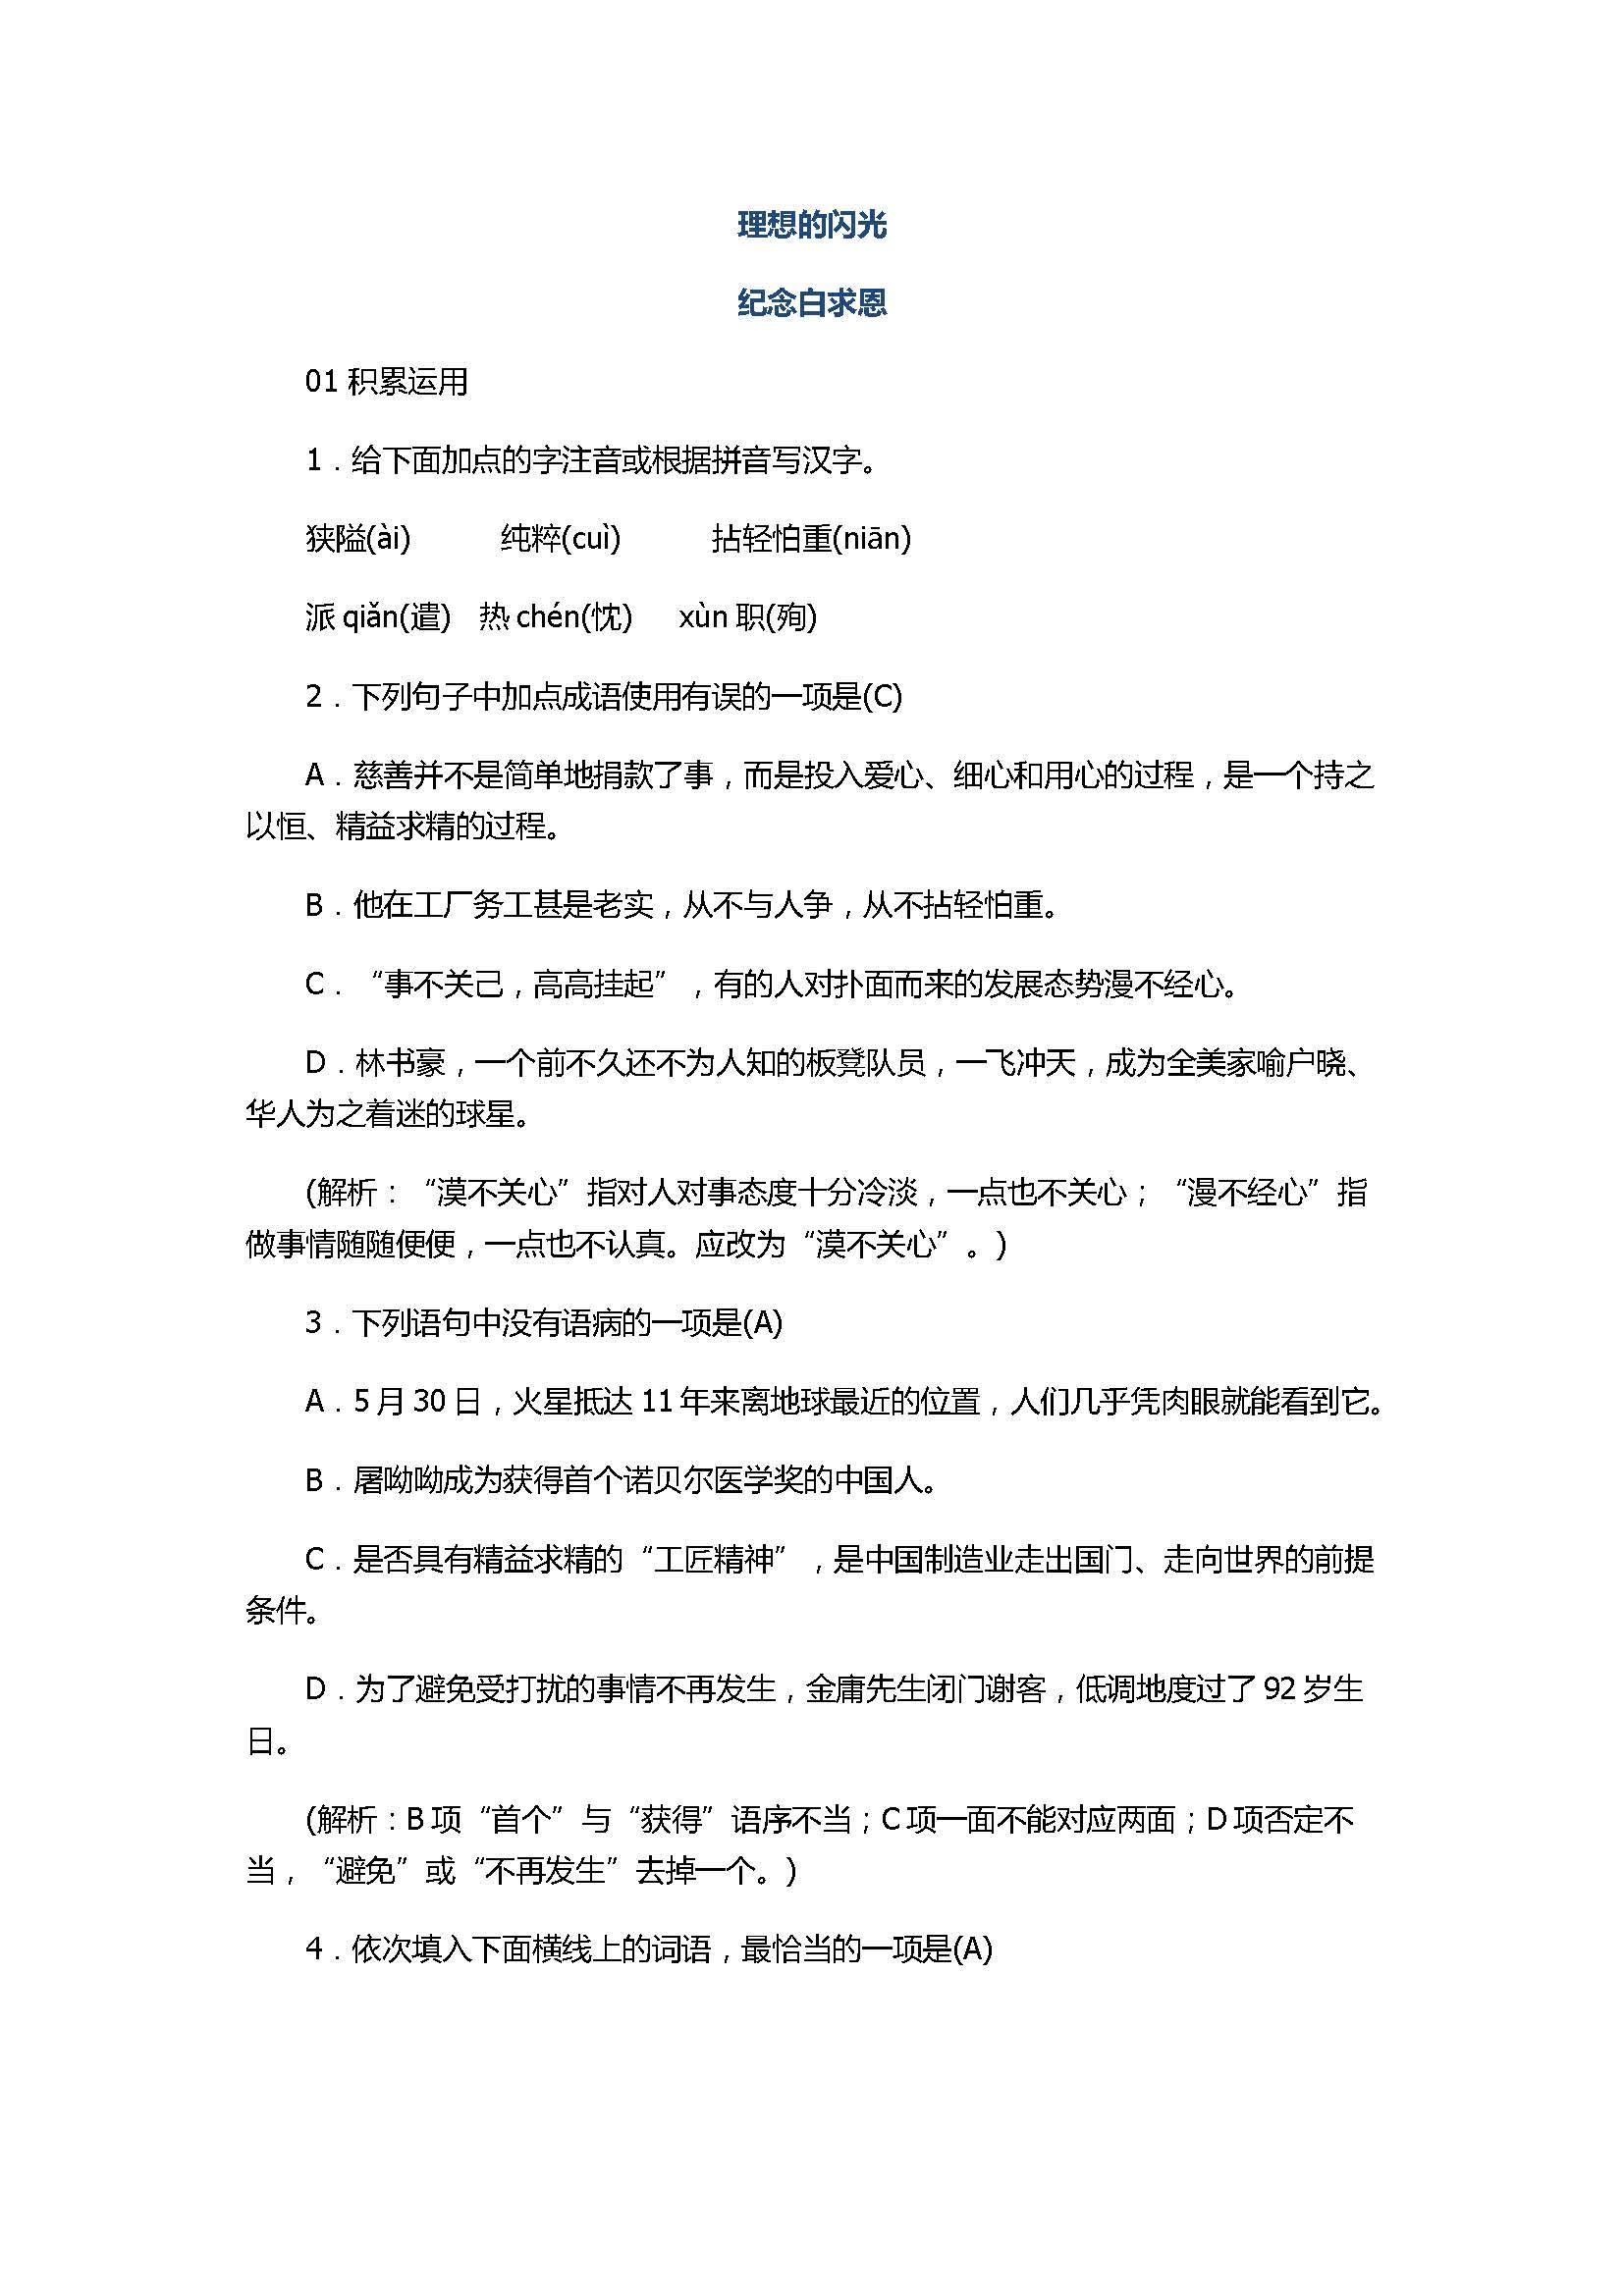 2017七年级语文上册《纪念白求恩》精编同步练习题